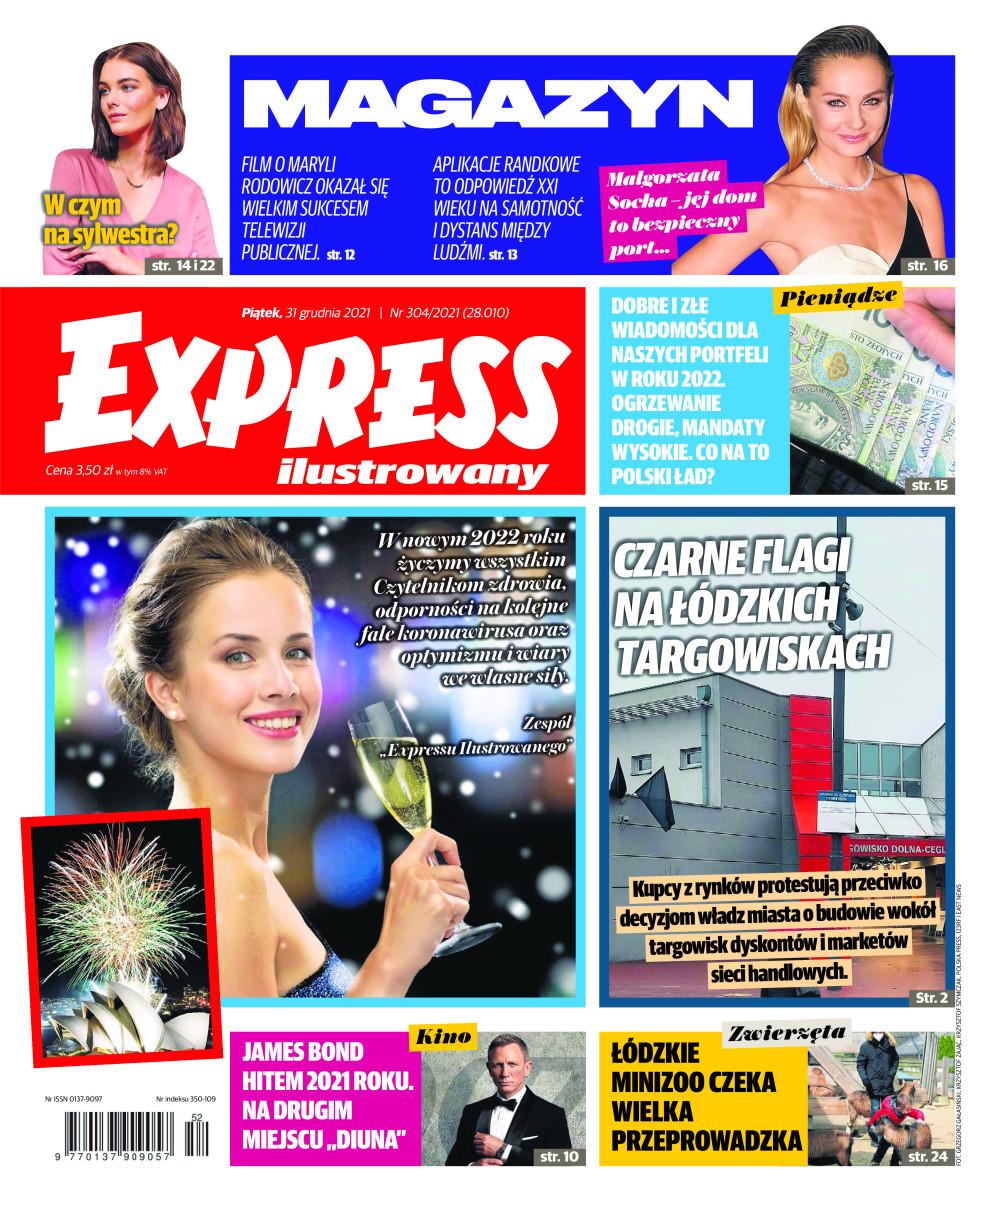 Express Ilustrowany – e-wydanie